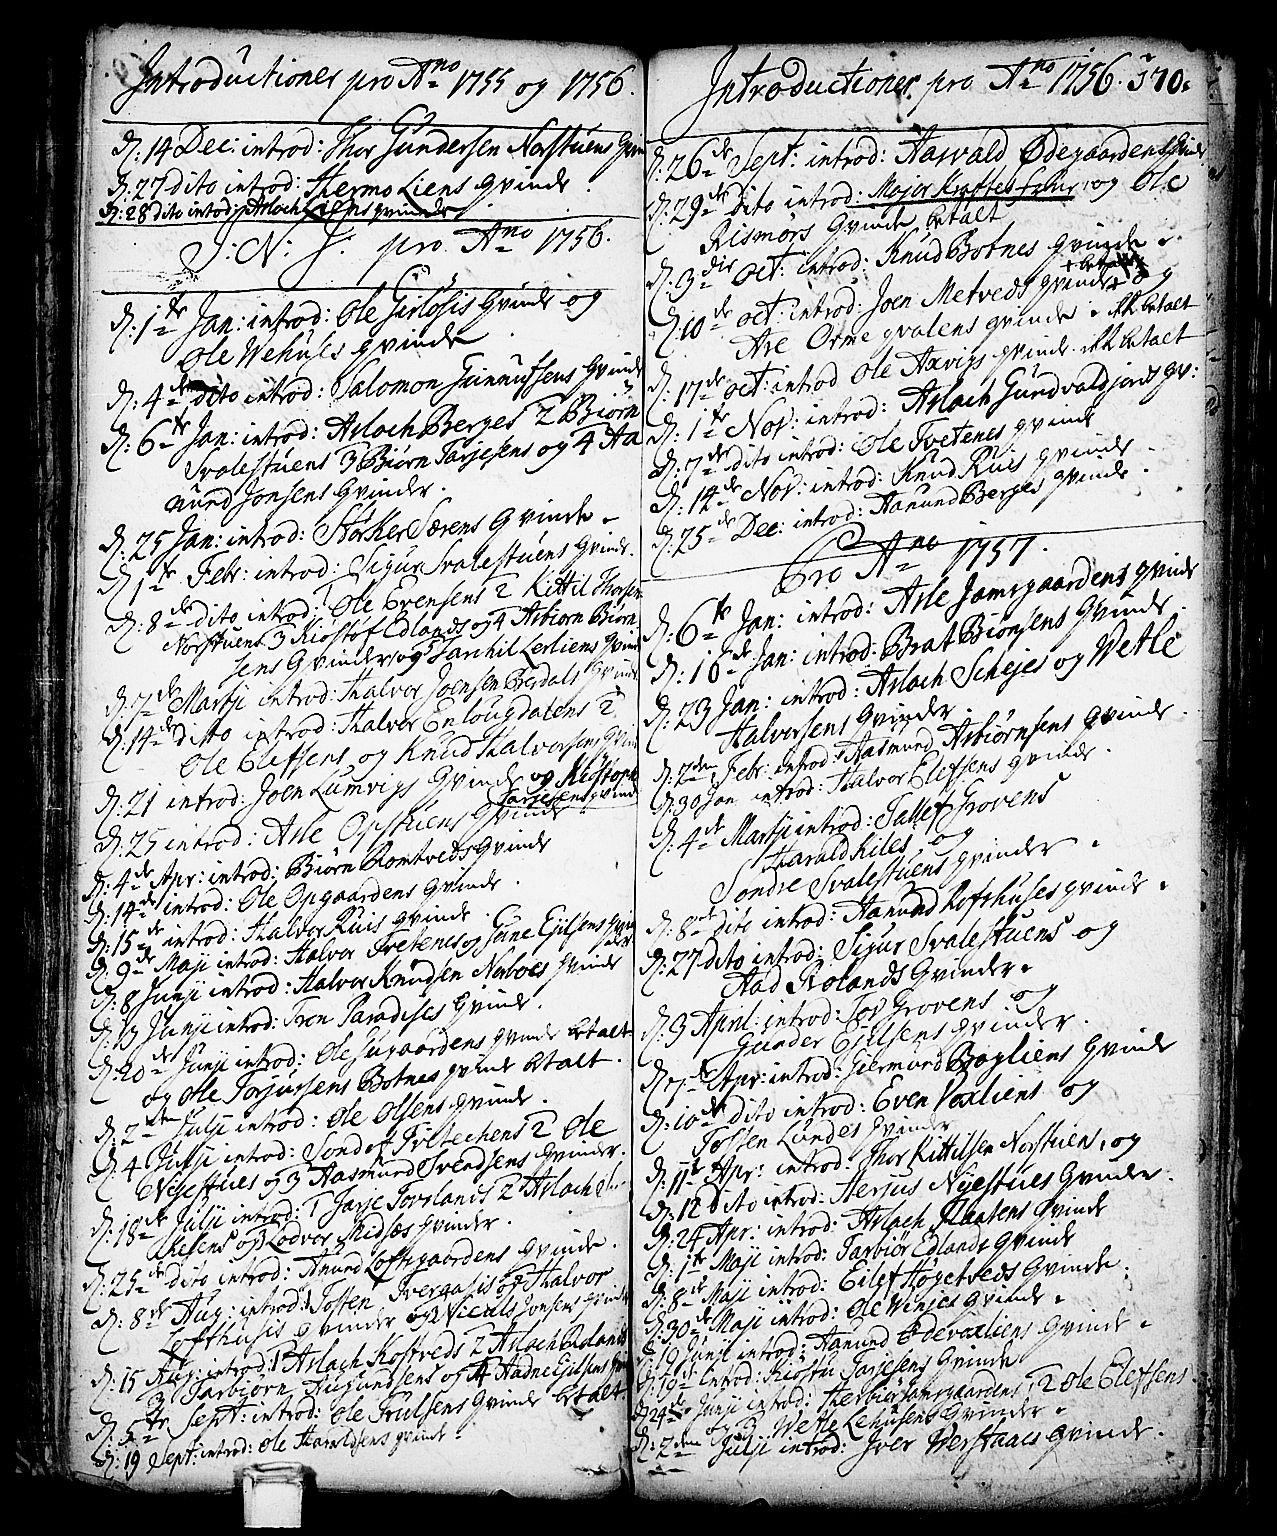 SAKO, Vinje kirkebøker, F/Fa/L0001: Ministerialbok nr. I 1, 1717-1766, s. 170